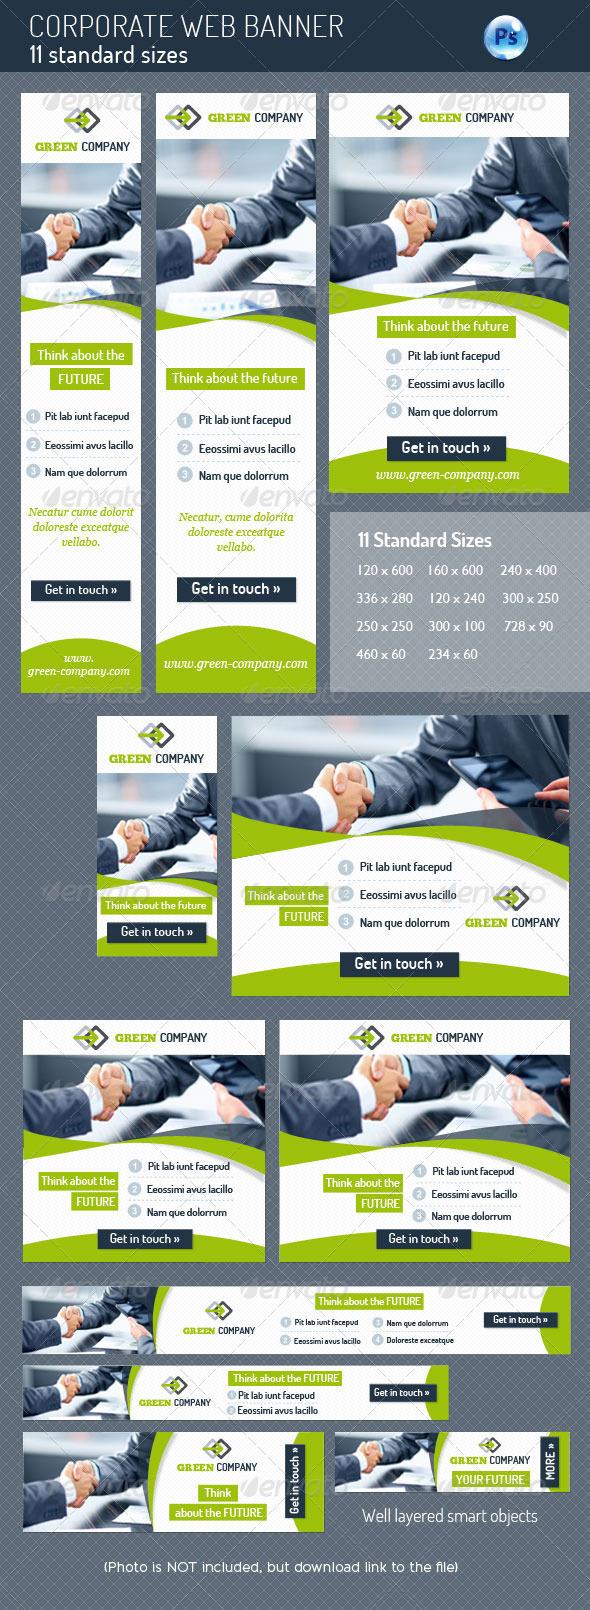 GraphicRiver Corporate Web Banner 5022117